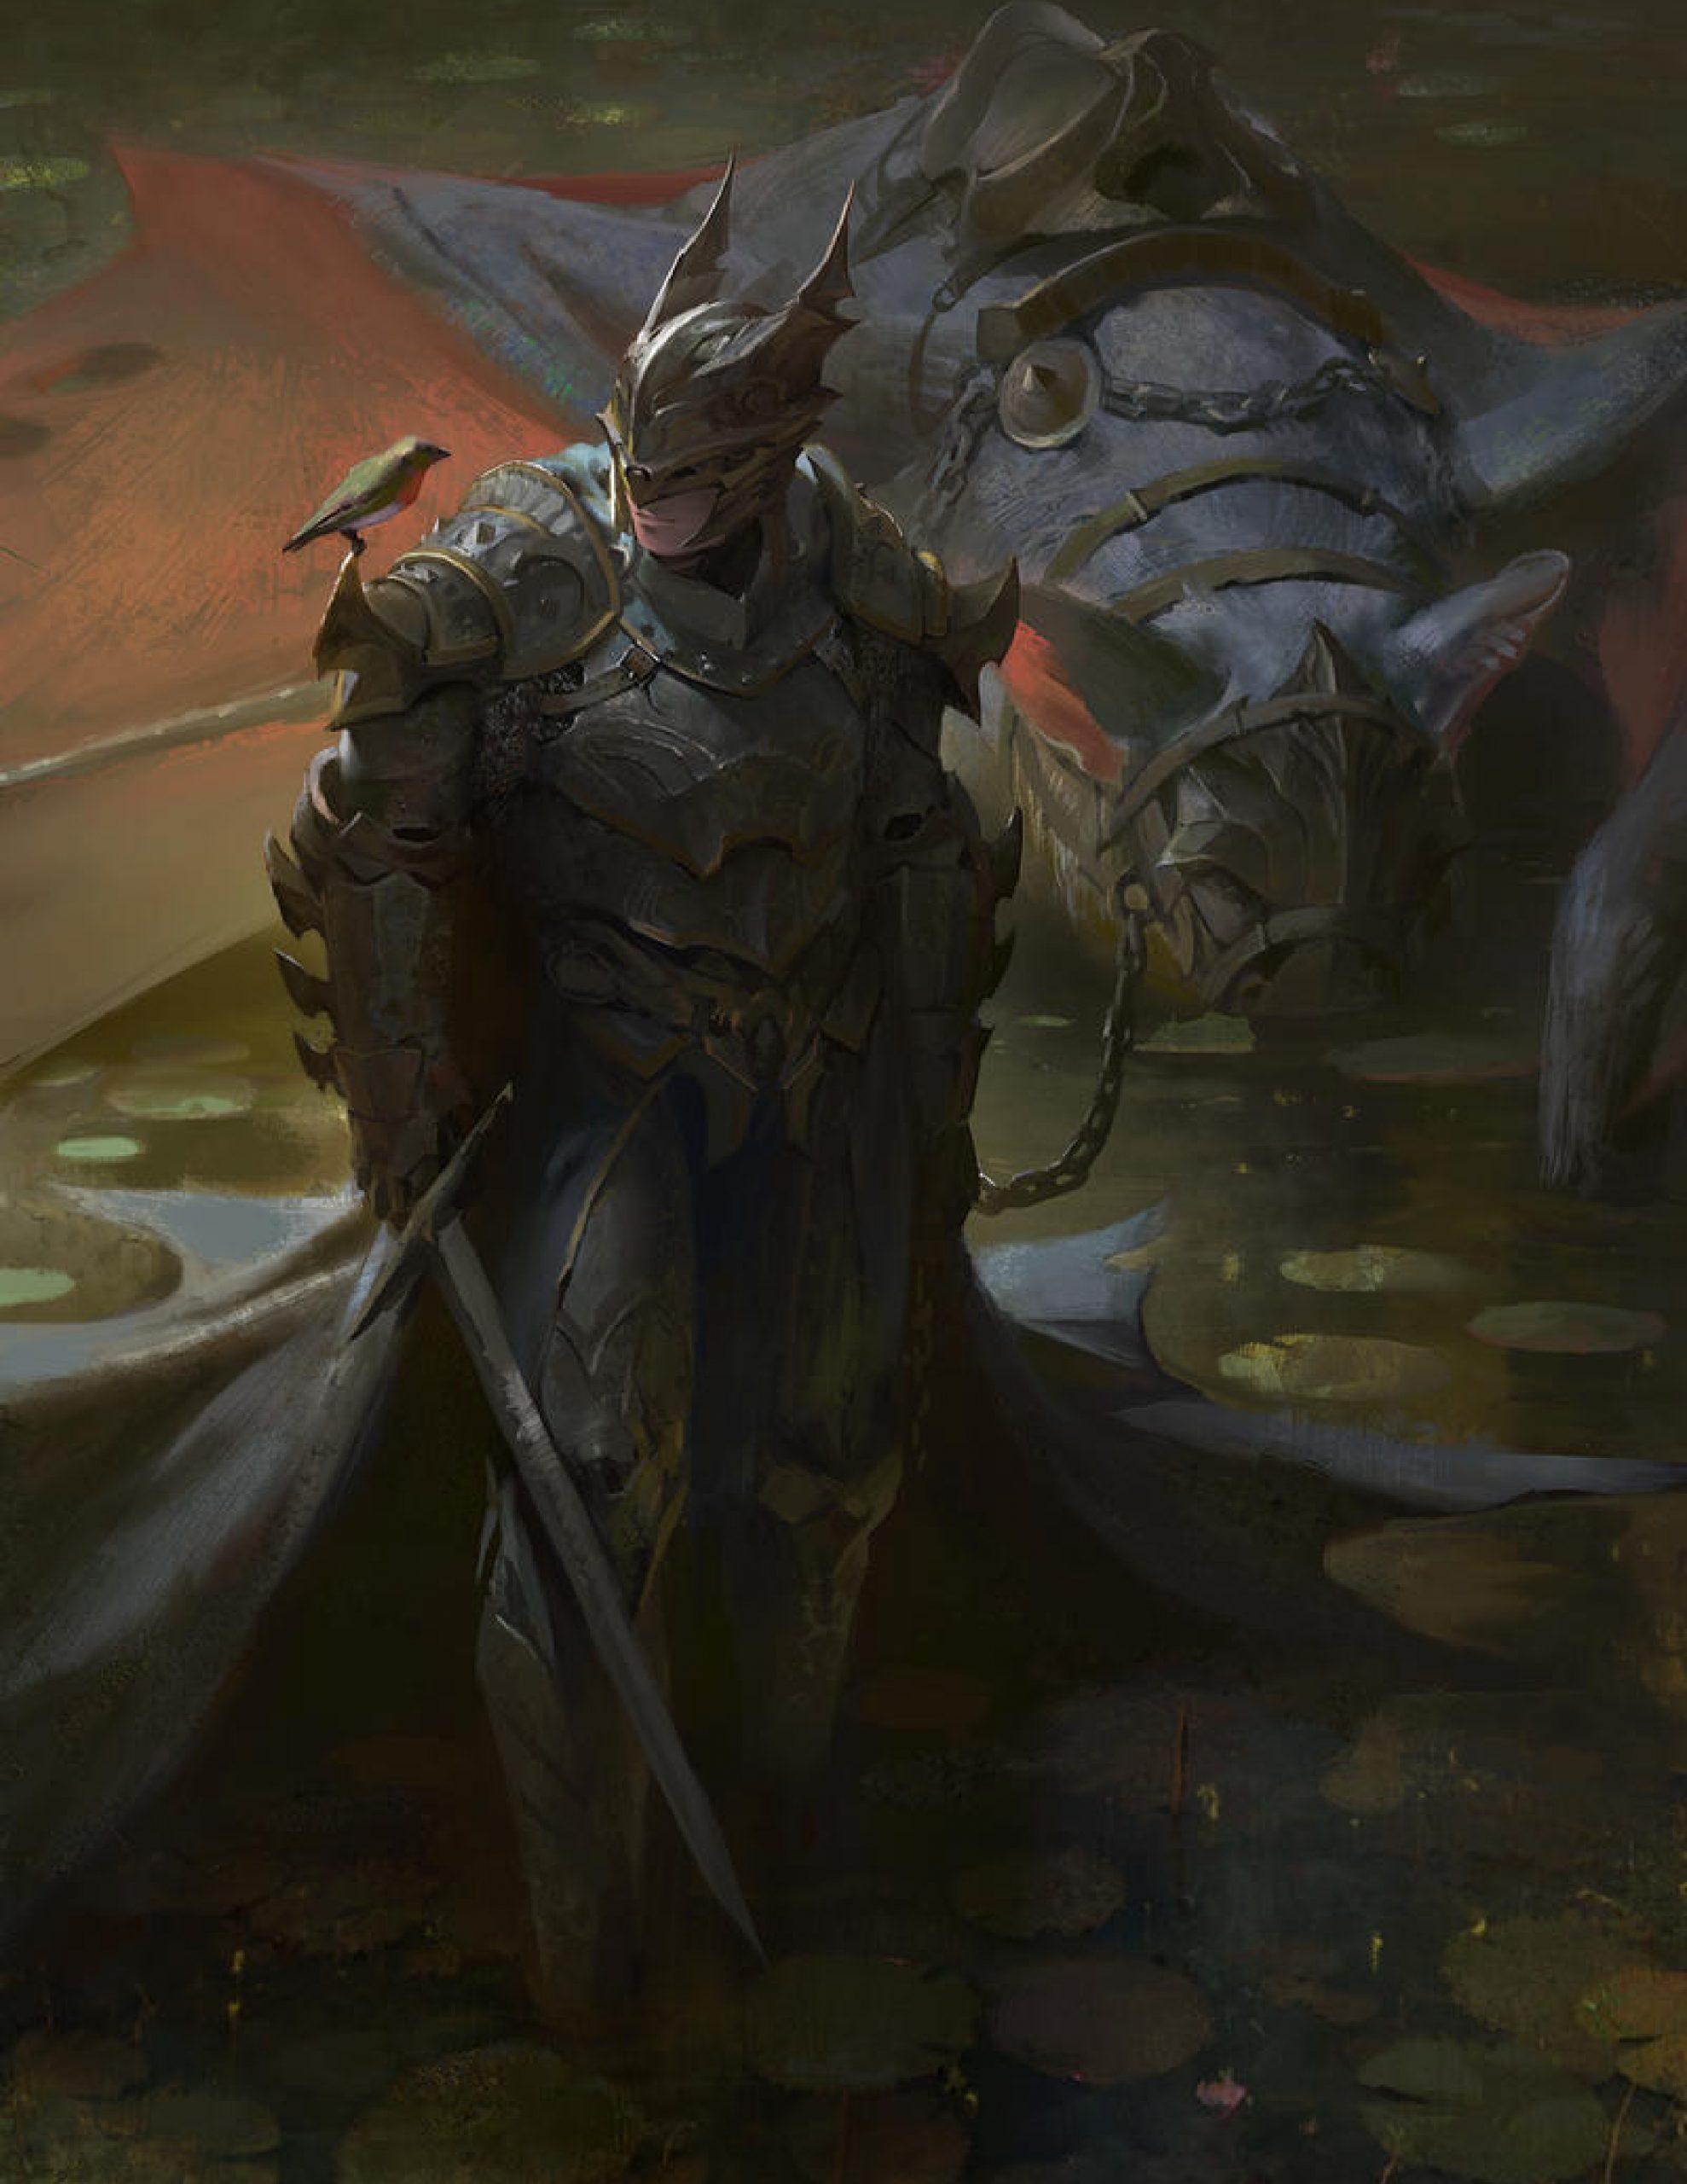 Dark Knight of Gotham